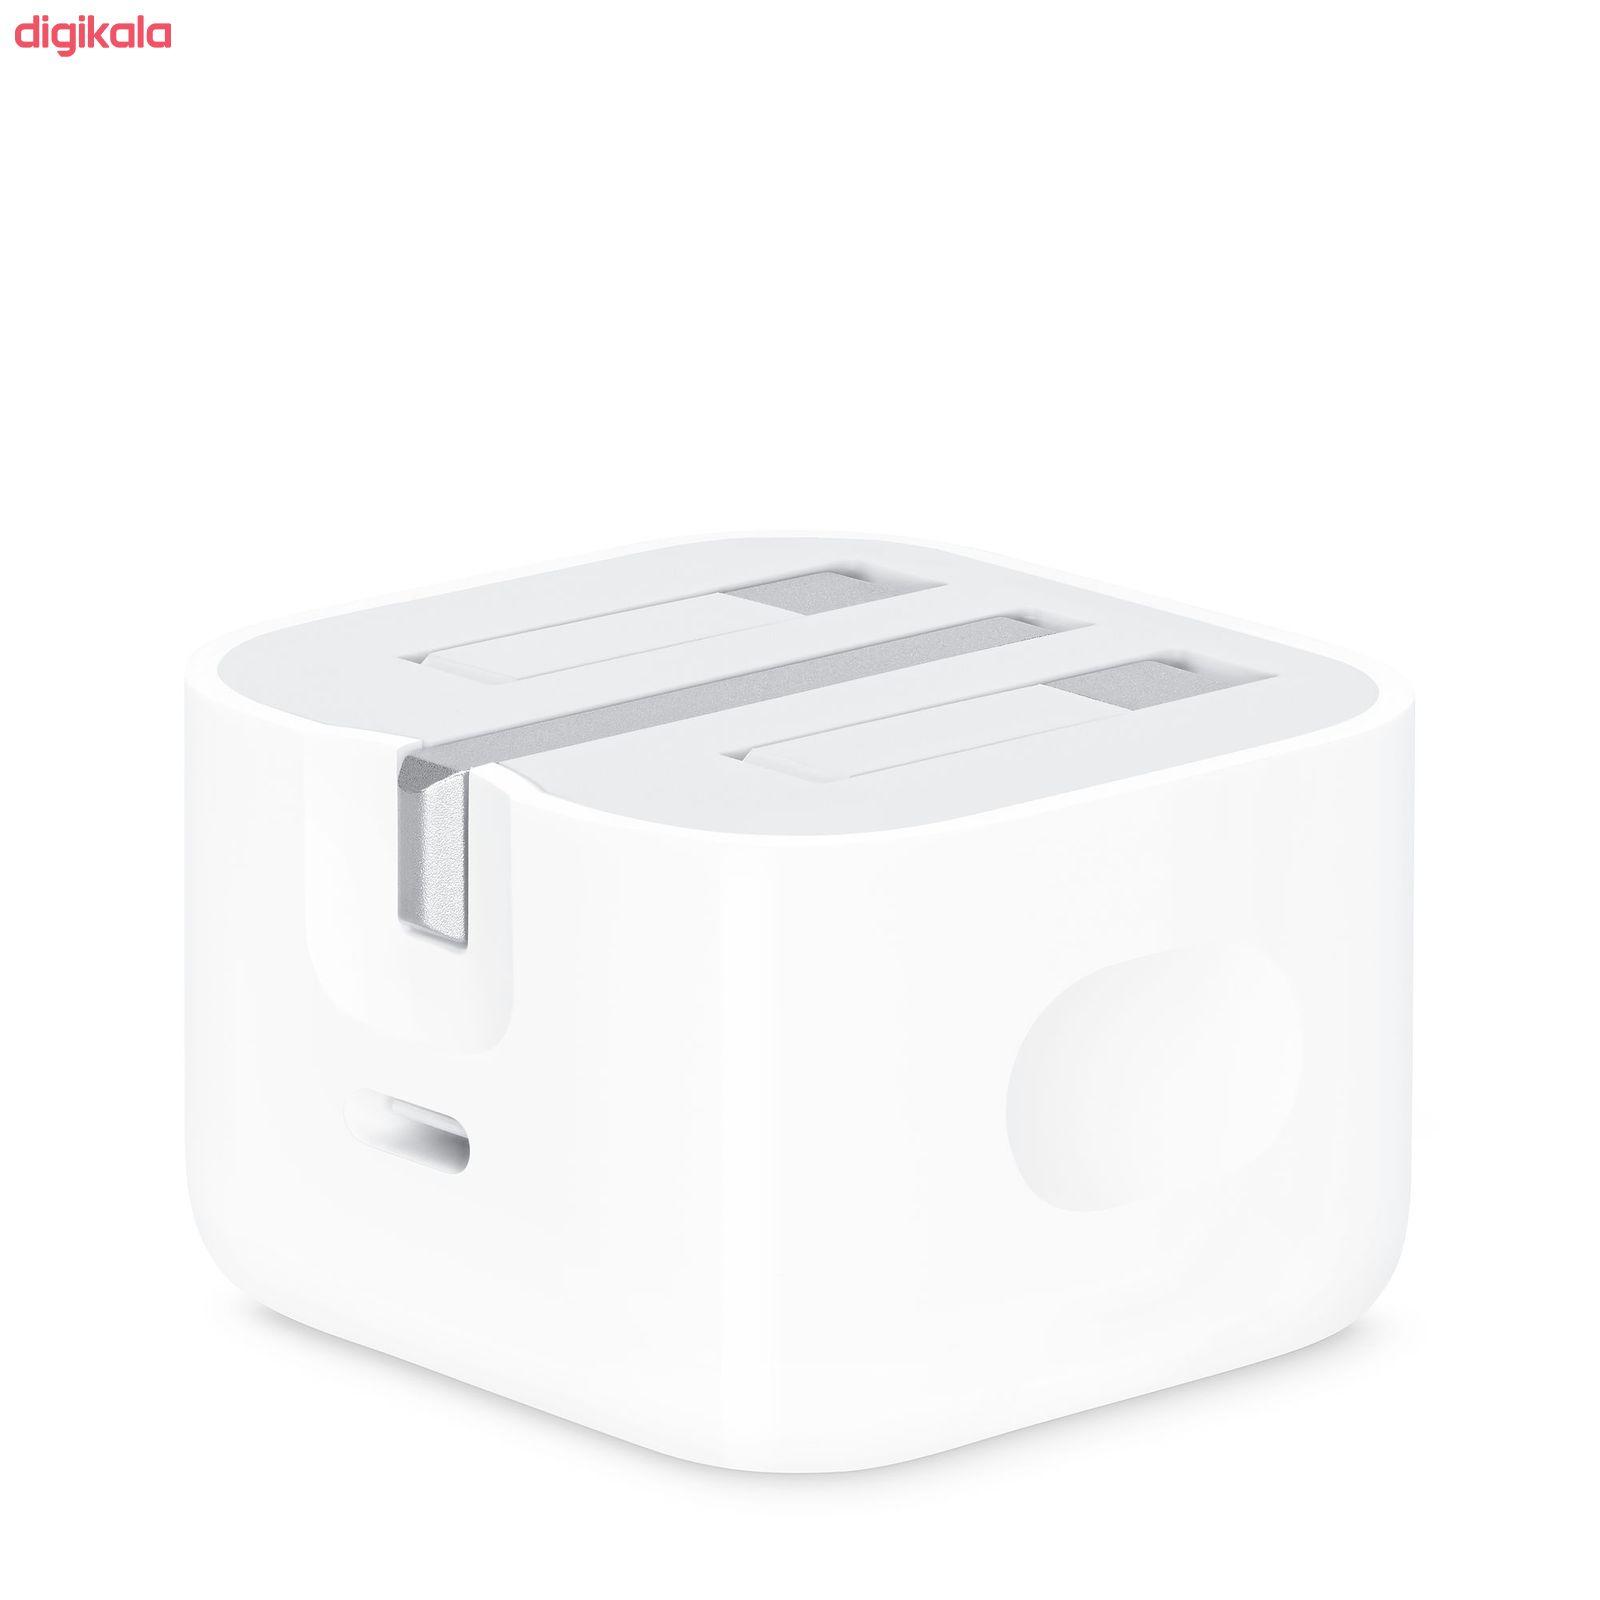 شارژر دیواری اپل مدل 20 وات main 1 2